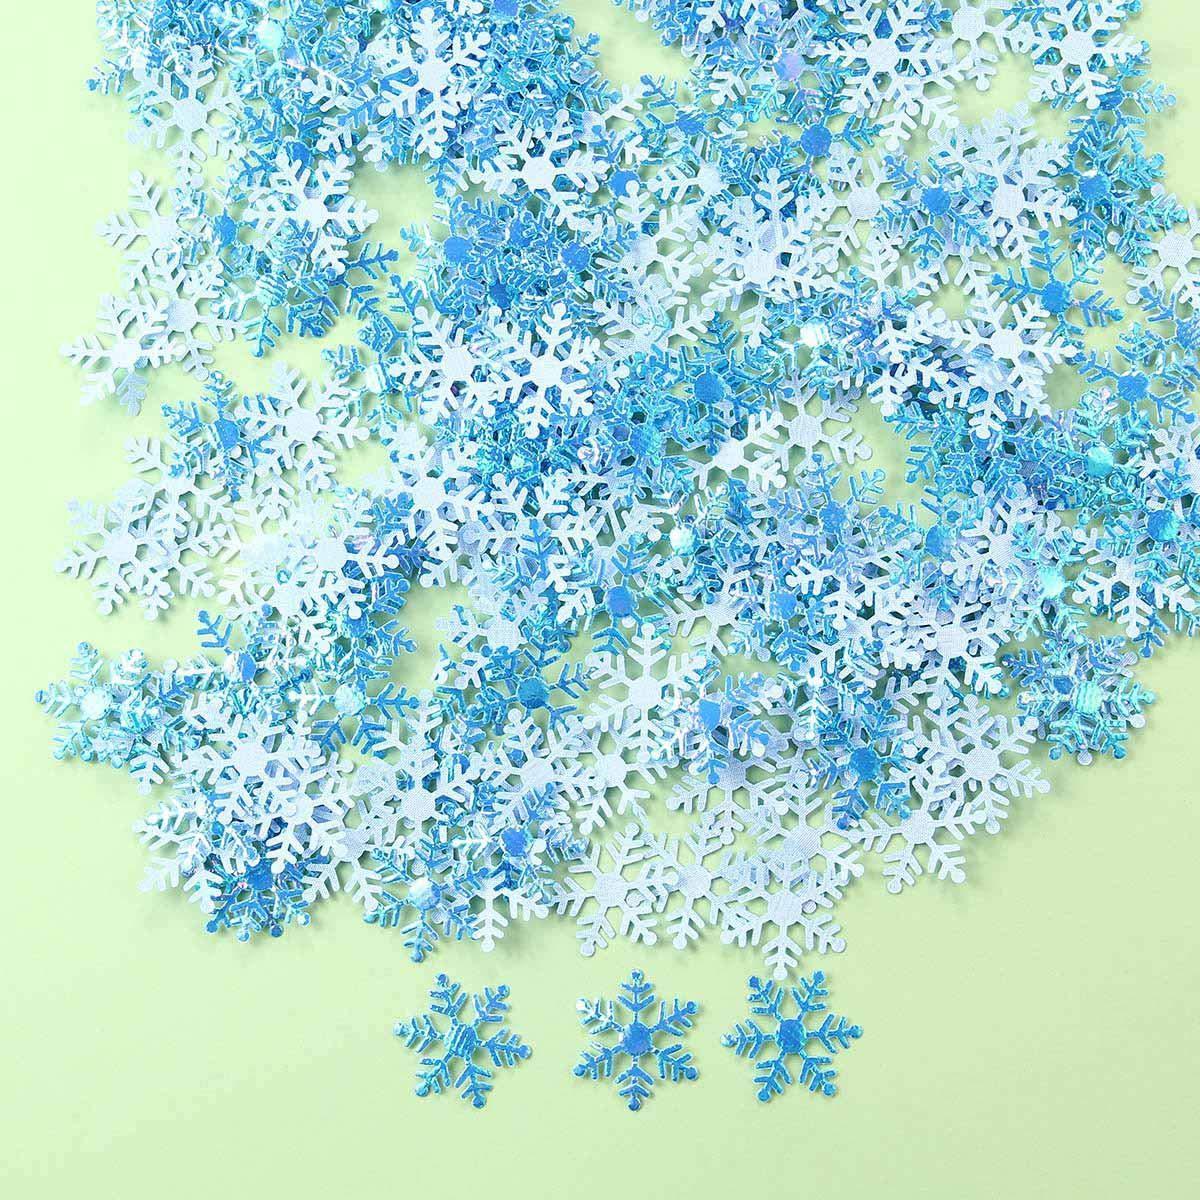 Azul 2 cm dise/ño de Copo de Nieve de pl/ástico con Purpurina KOBWA Confeti de Copos de Nieve Blancos 200 Unidades